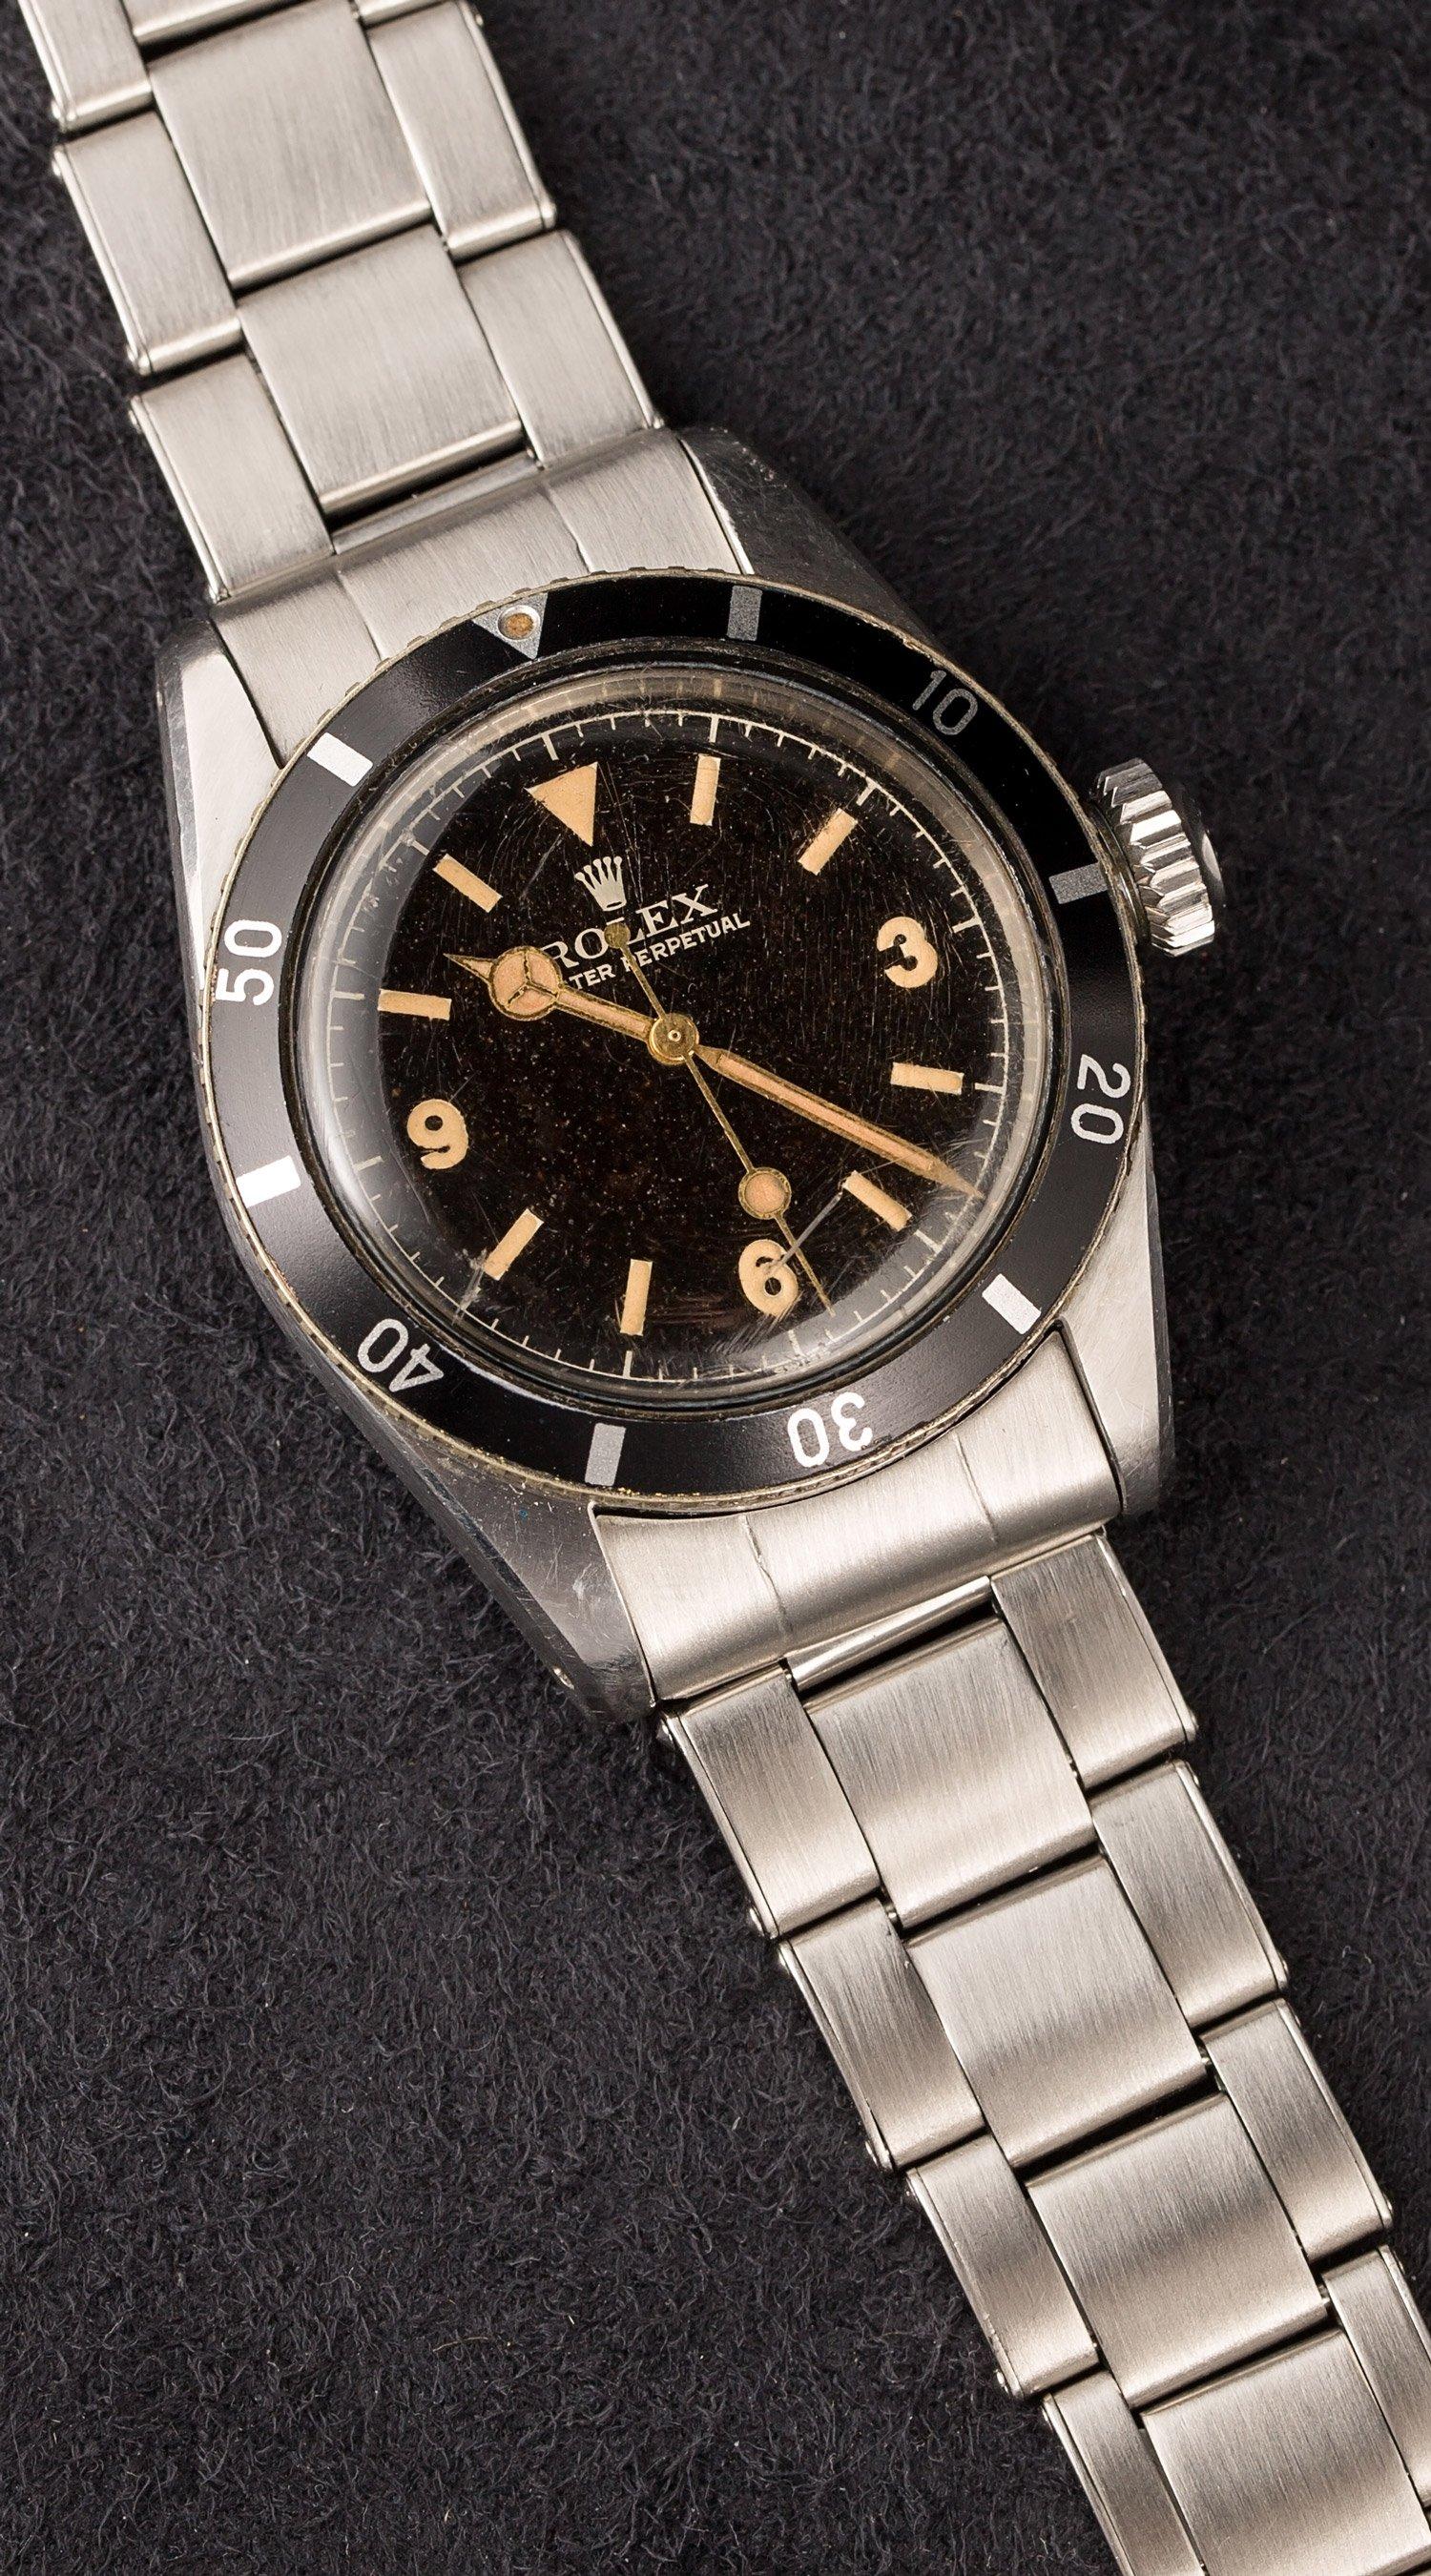 Rolex Submariner 6200